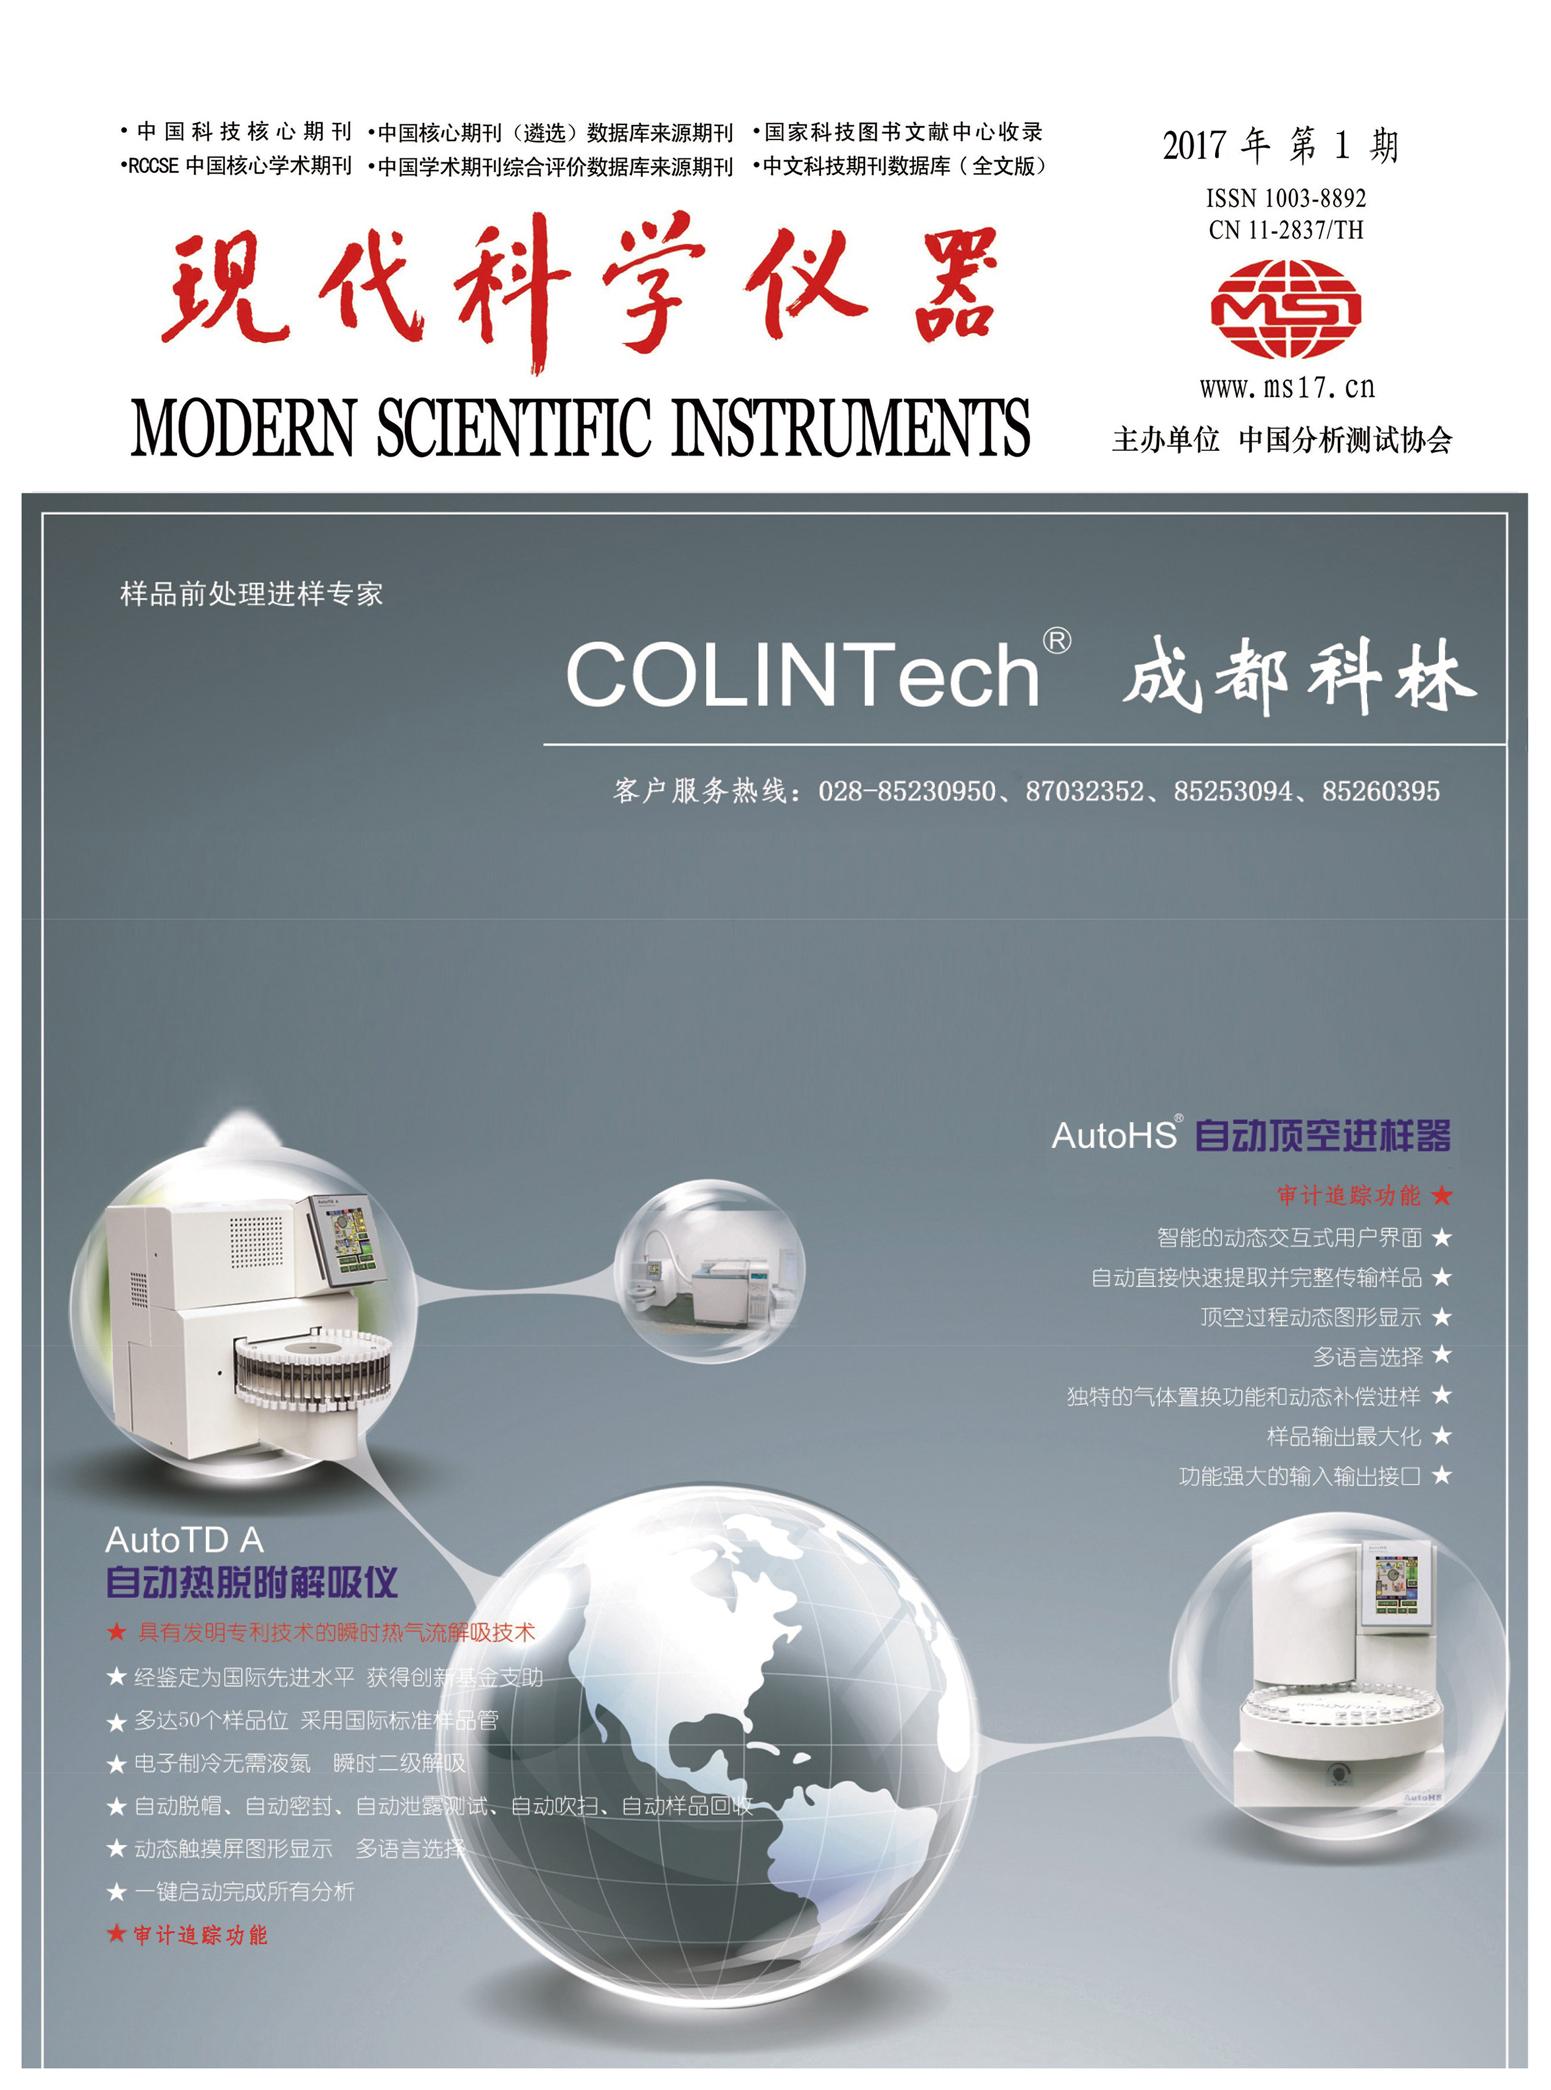 2017年第一期仪器信息网